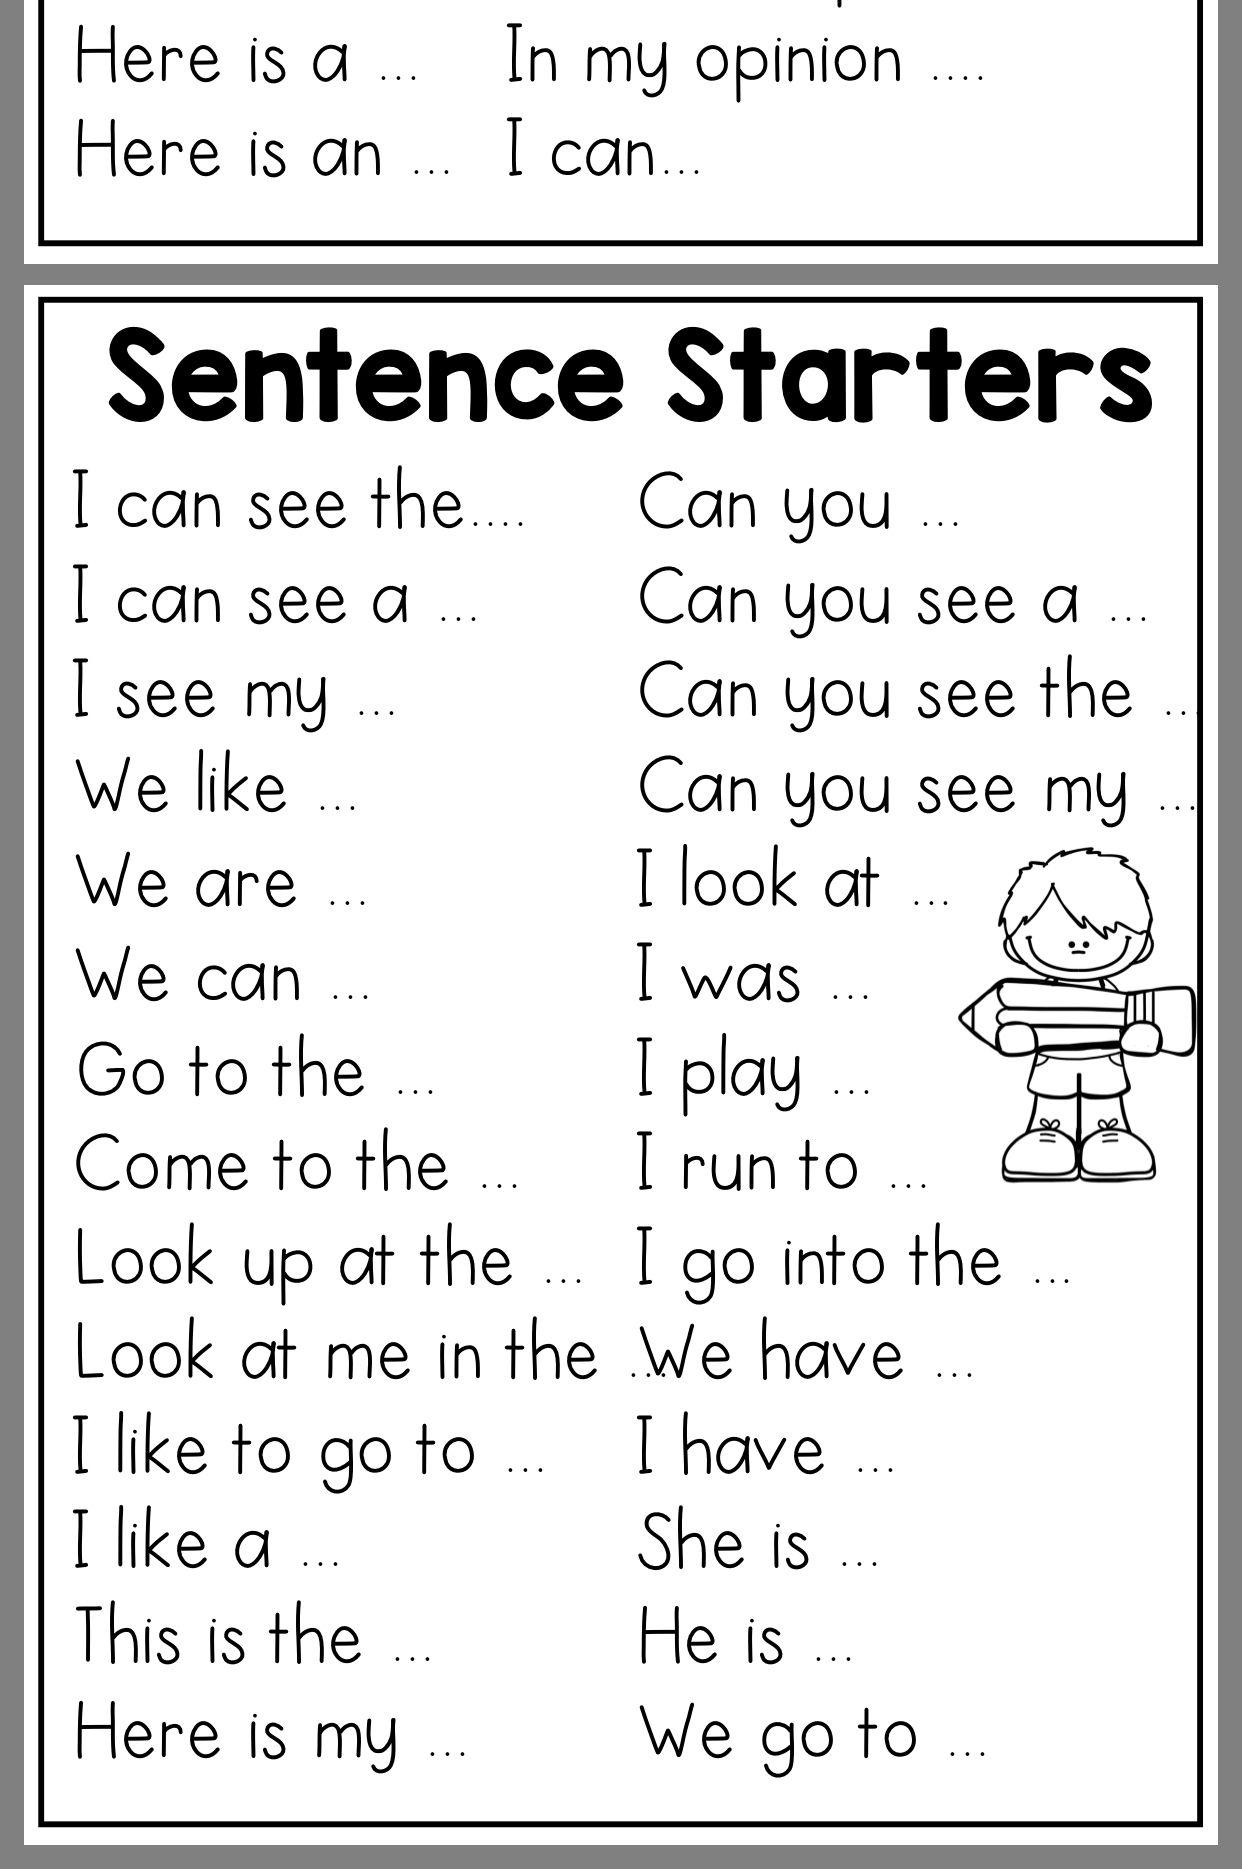 Sentence Starter Printouts